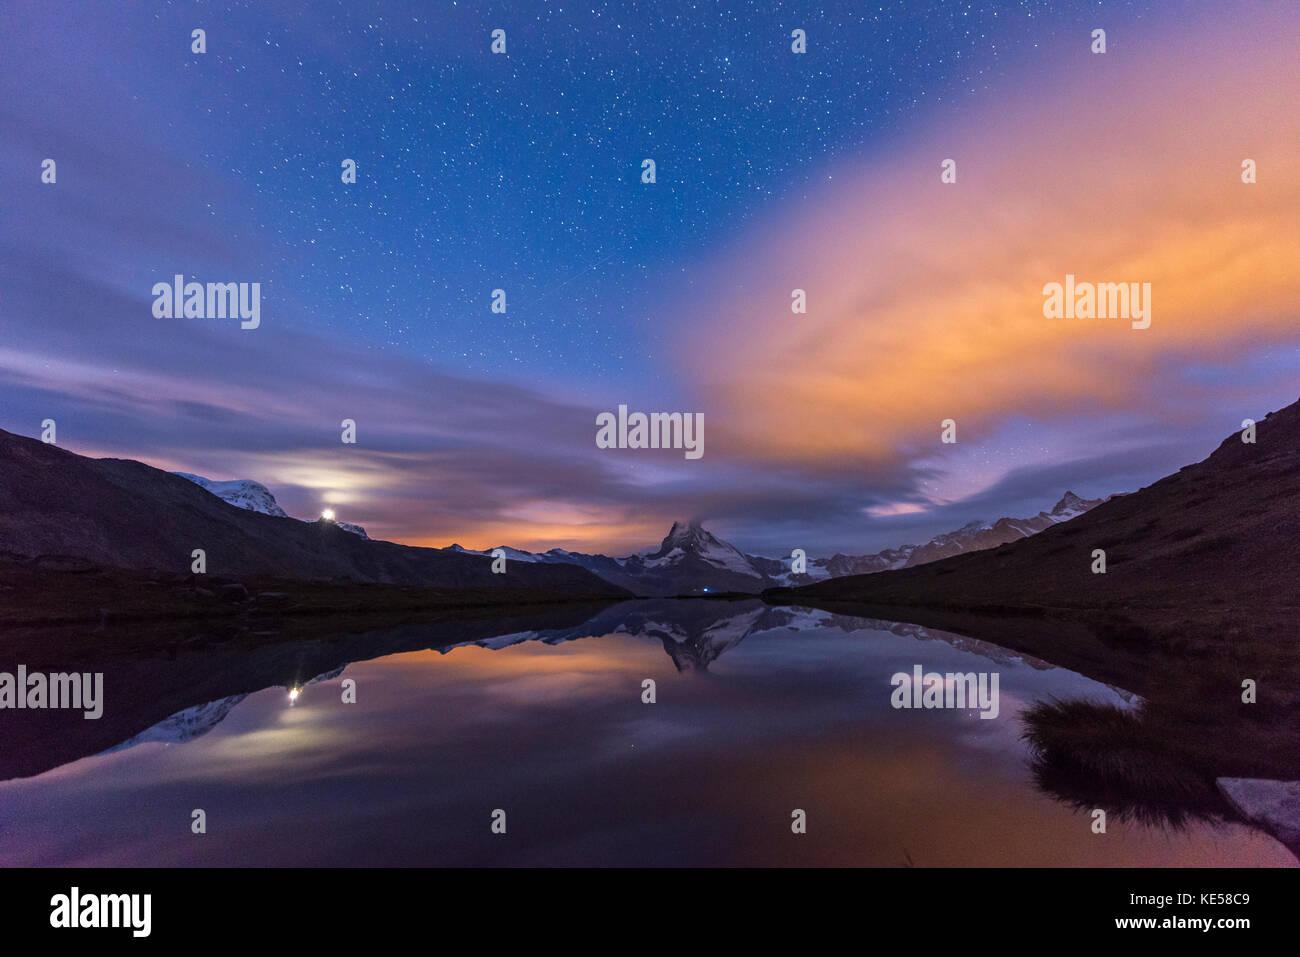 Il Cervino riflesso nel stellisee all'alba, Zermatt, Alpi del Vallese, canton Vallese, Svizzera Immagini Stock